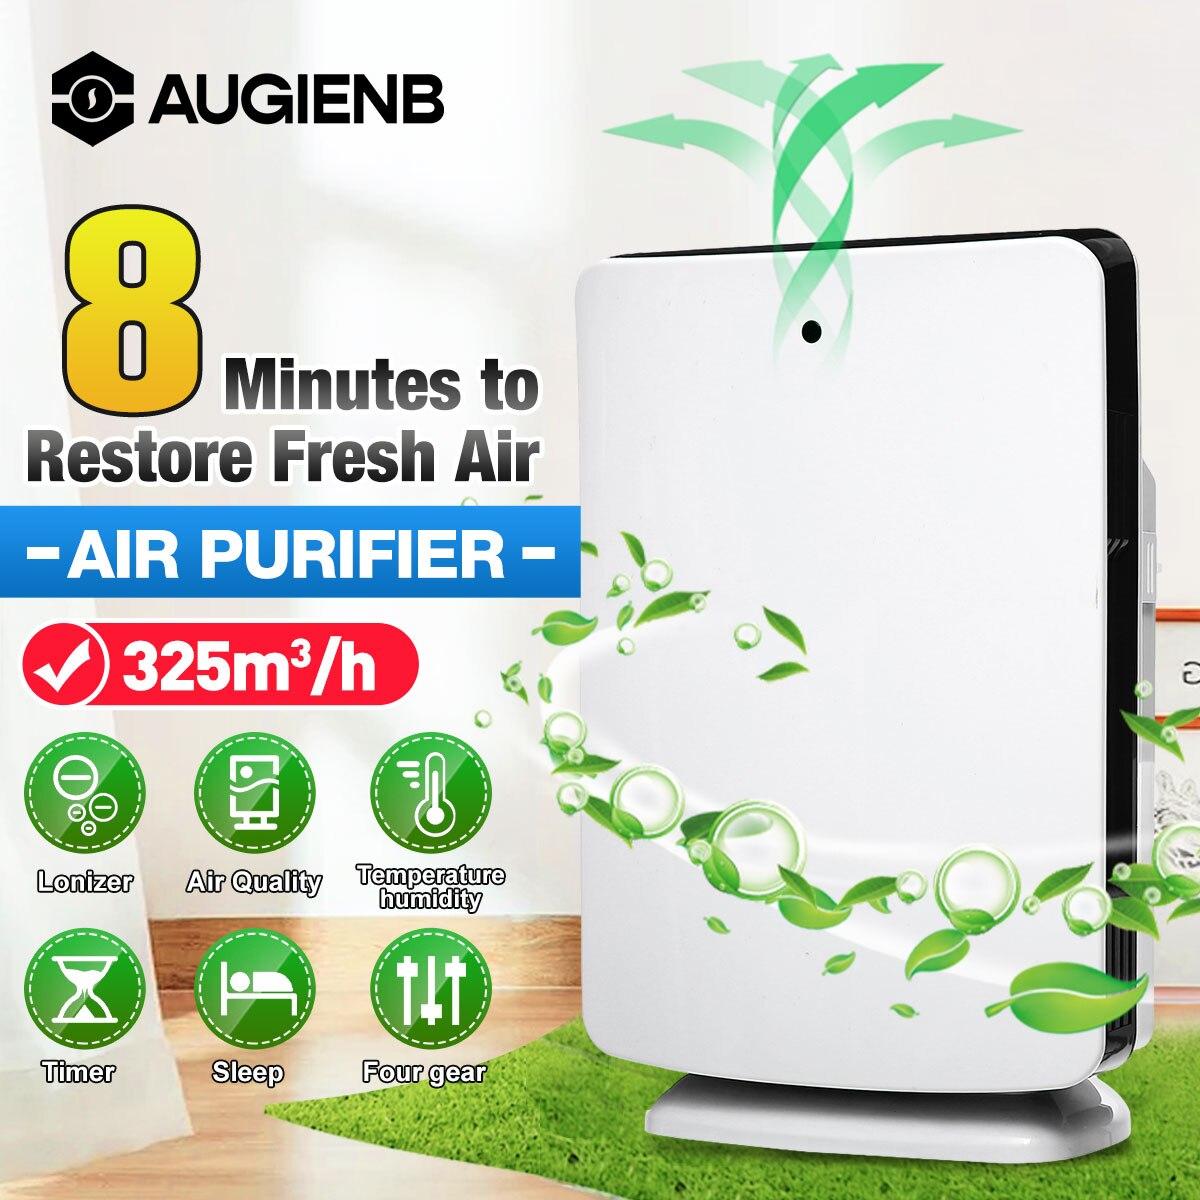 Домашний офисный очиститель воздуха AUGIENB, фильтр HEPA, средство для удаления запахов и аллергических запахов, пыльца, дуршлаг для домашних жив...